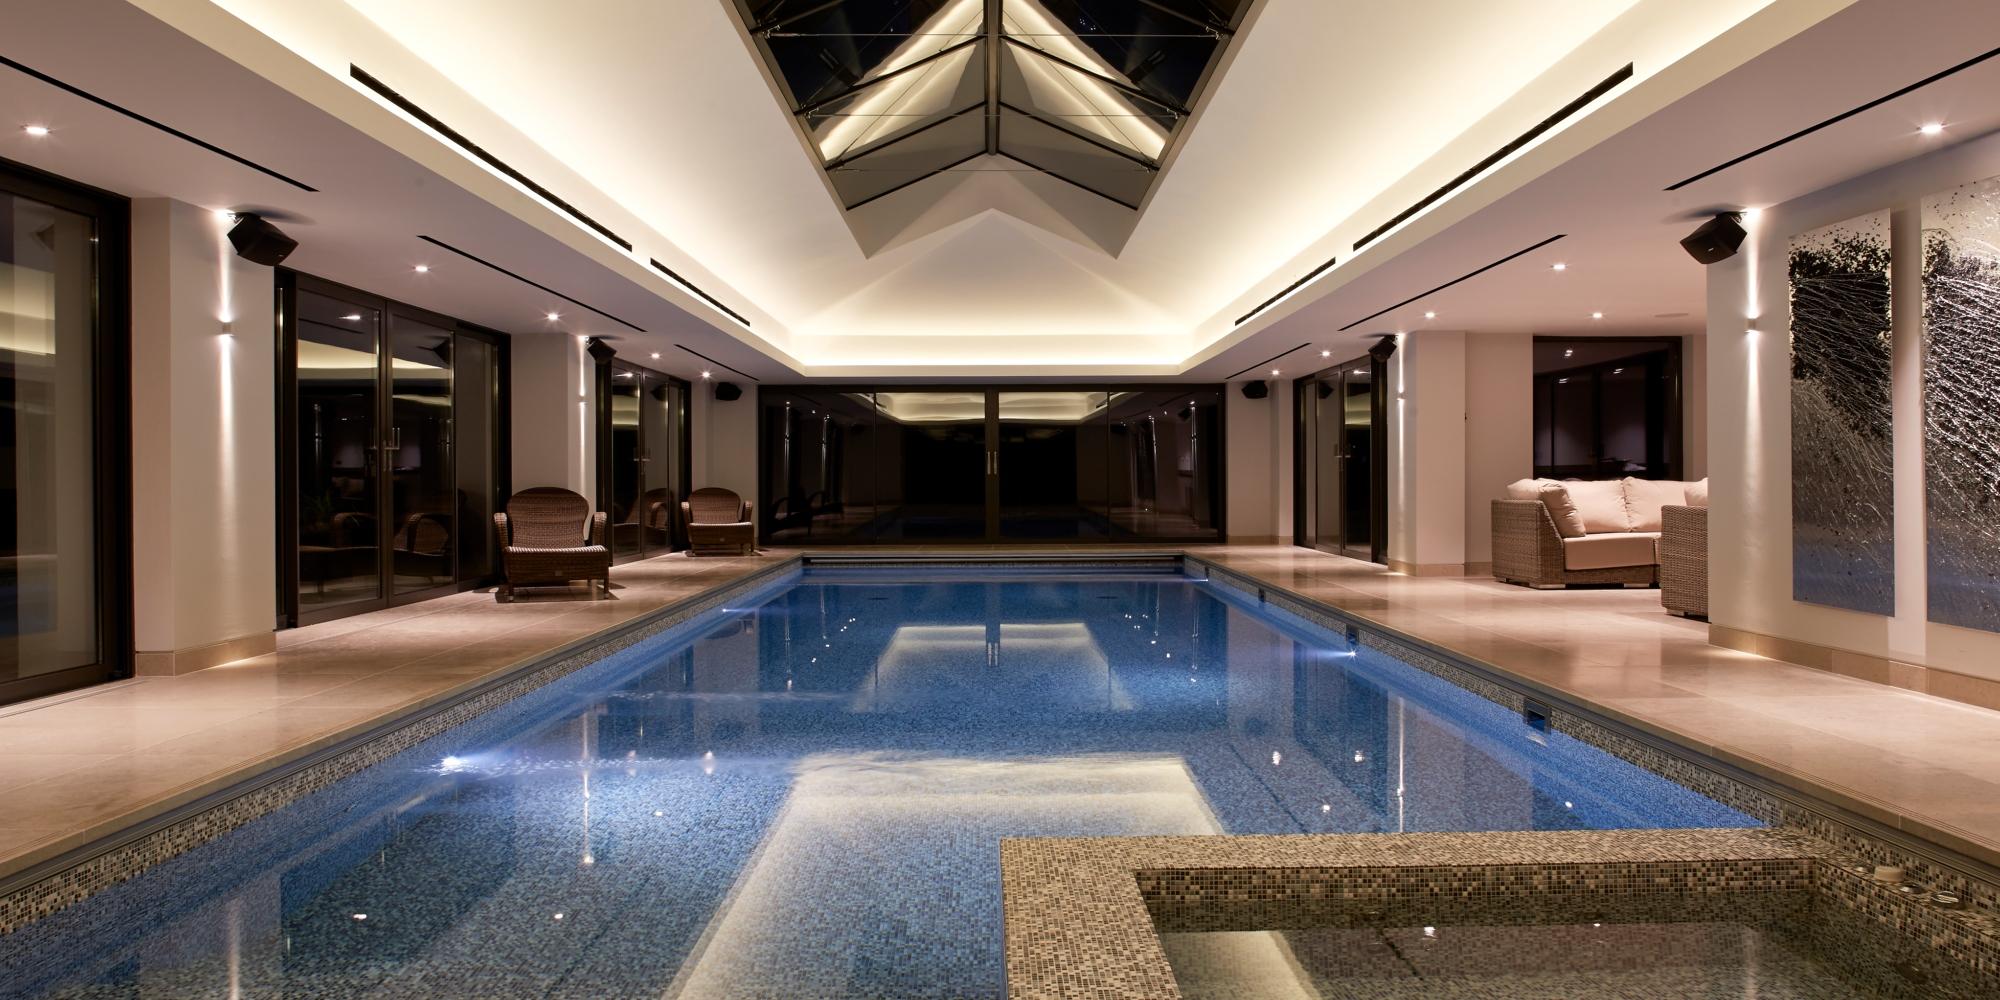 Top Image – the Pool House – Kinorigo